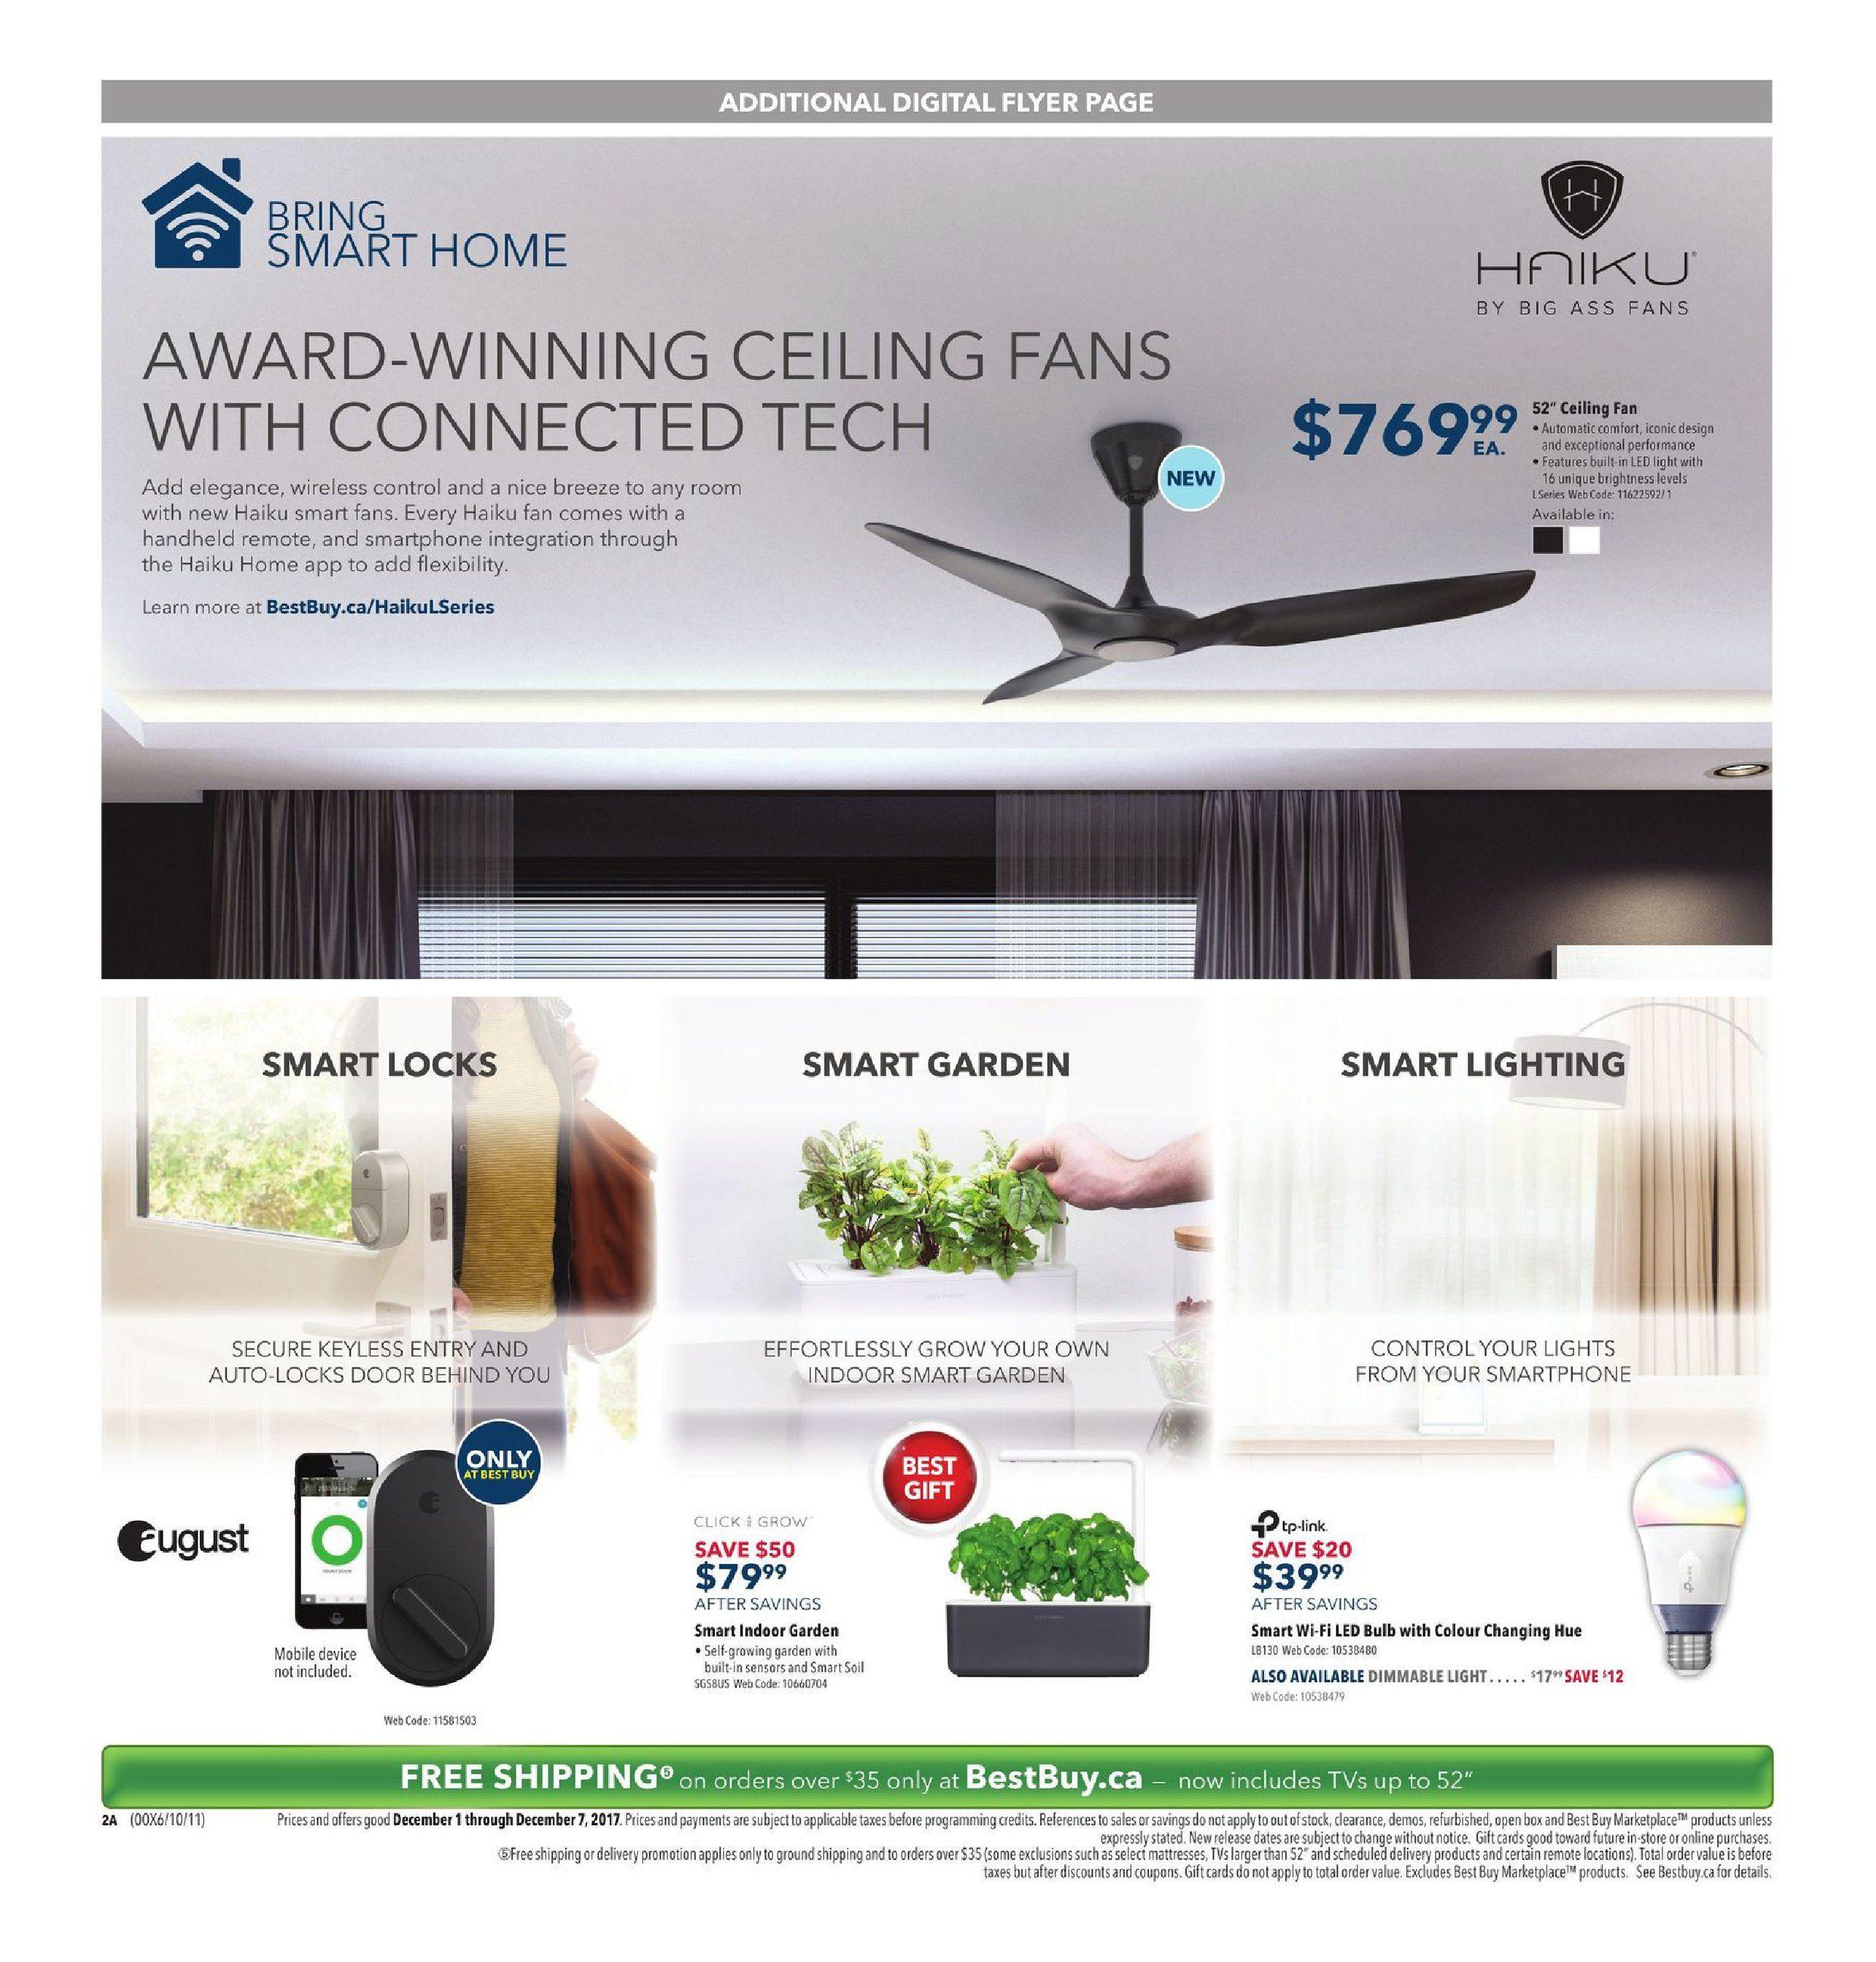 Best Buy Weekly Flyer Find Dazzling Gifts Dec 1 7 Super Dancing Ac Lights 4500 Watt Using Opto Isolator